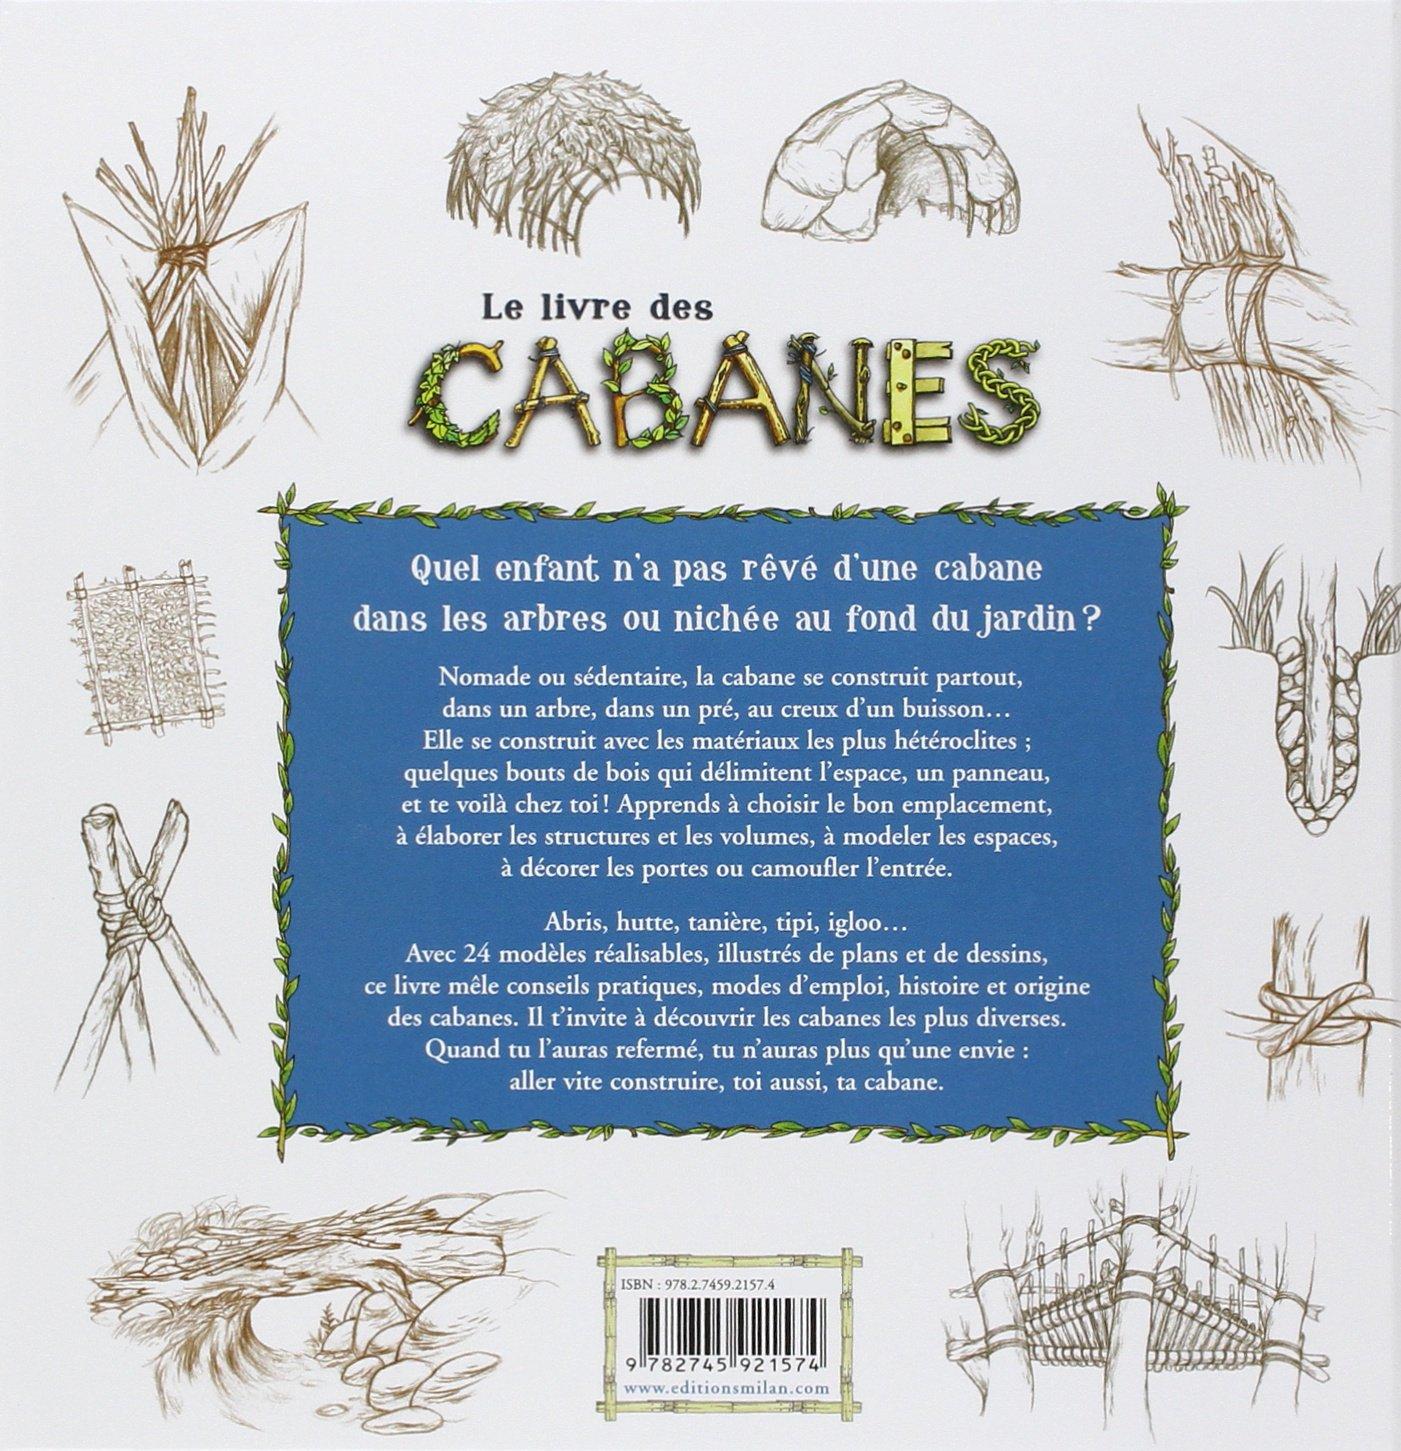 Le Livre Des Cabanes: Louis Espinassous: 9782745921574: Amazon.com: Books